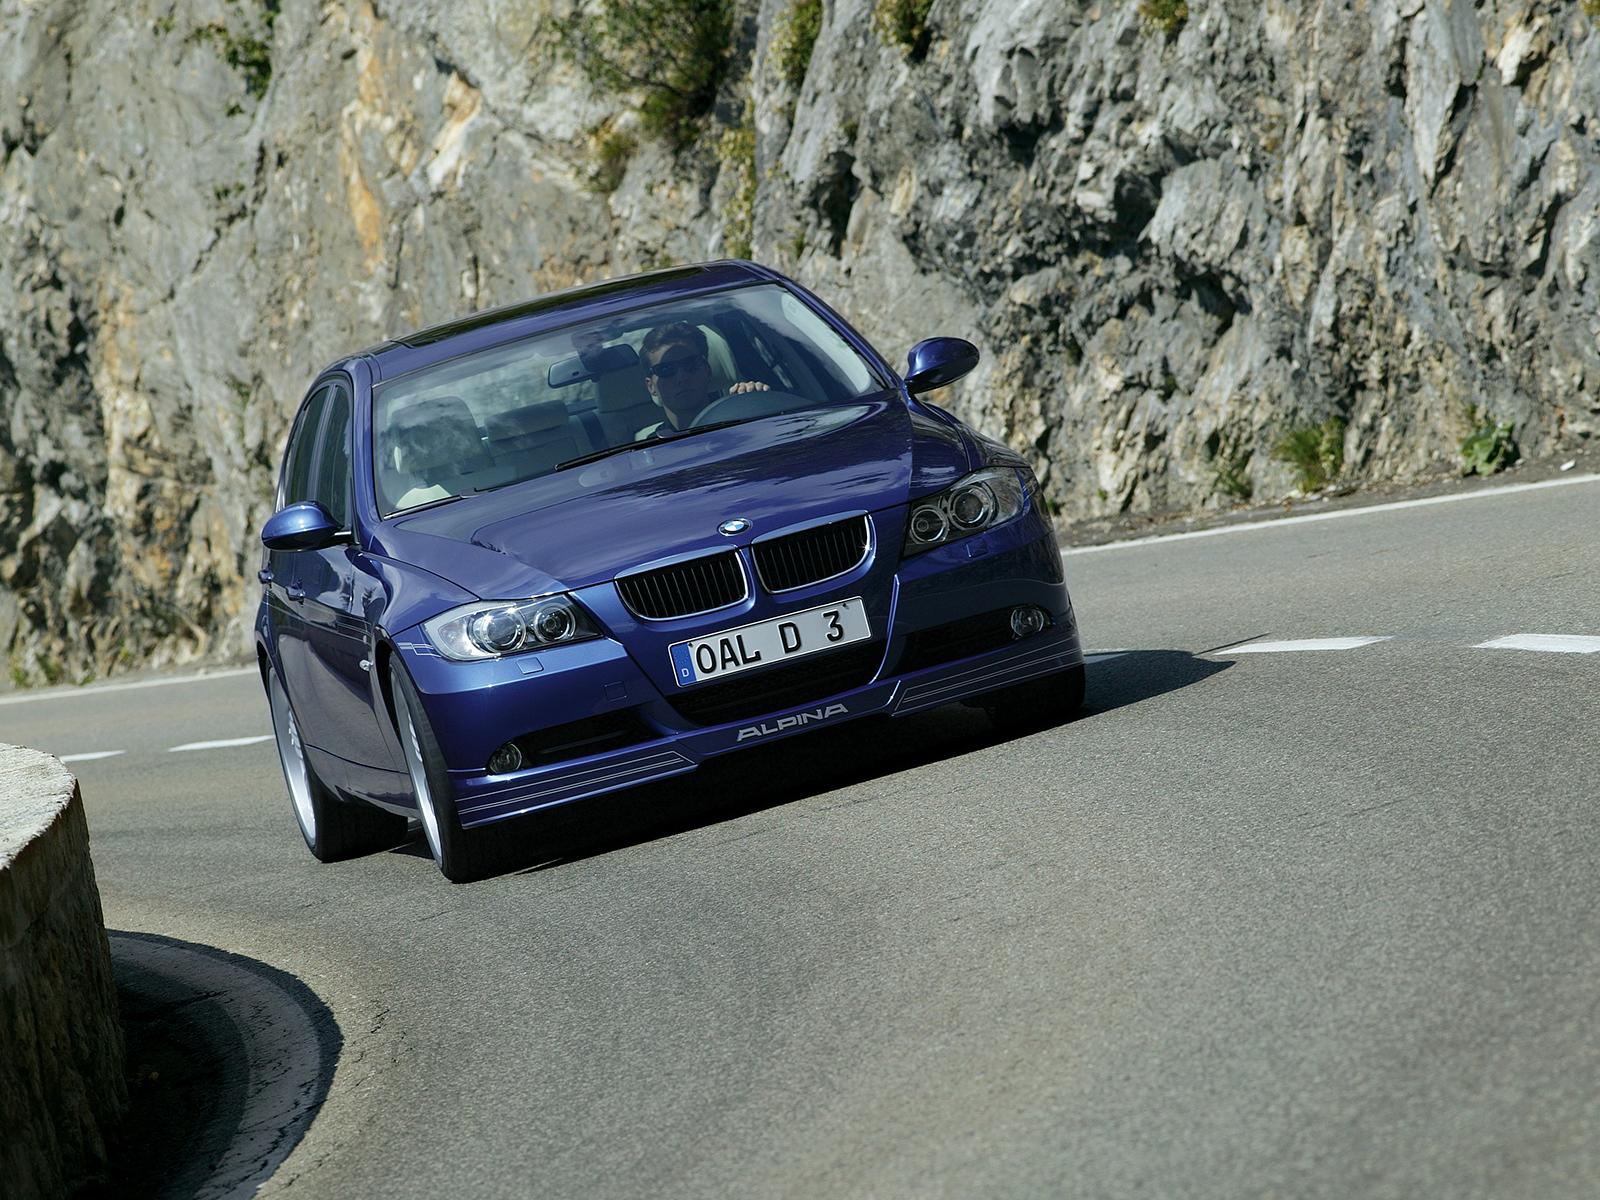 Bmw 3 Series E90919293 Alpina Automobiles